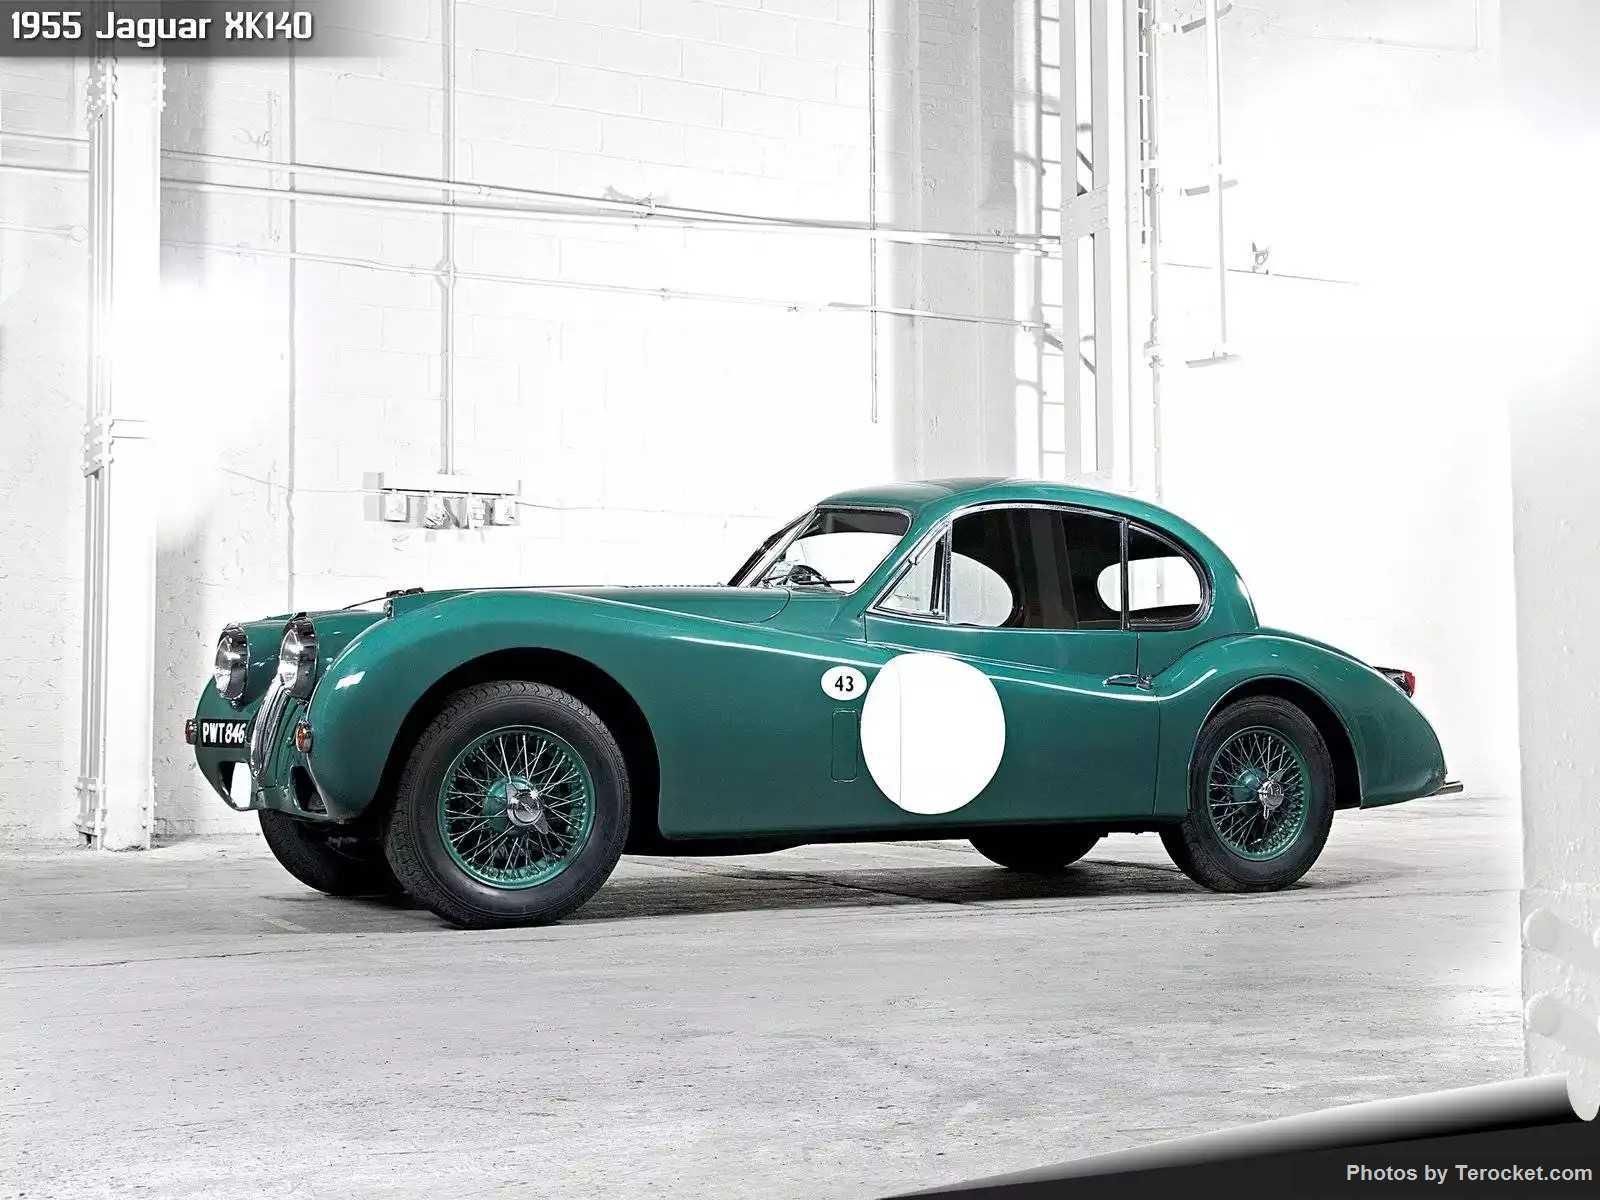 Hình ảnh xe ô tô Jaguar XK140 1955 & nội ngoại thất